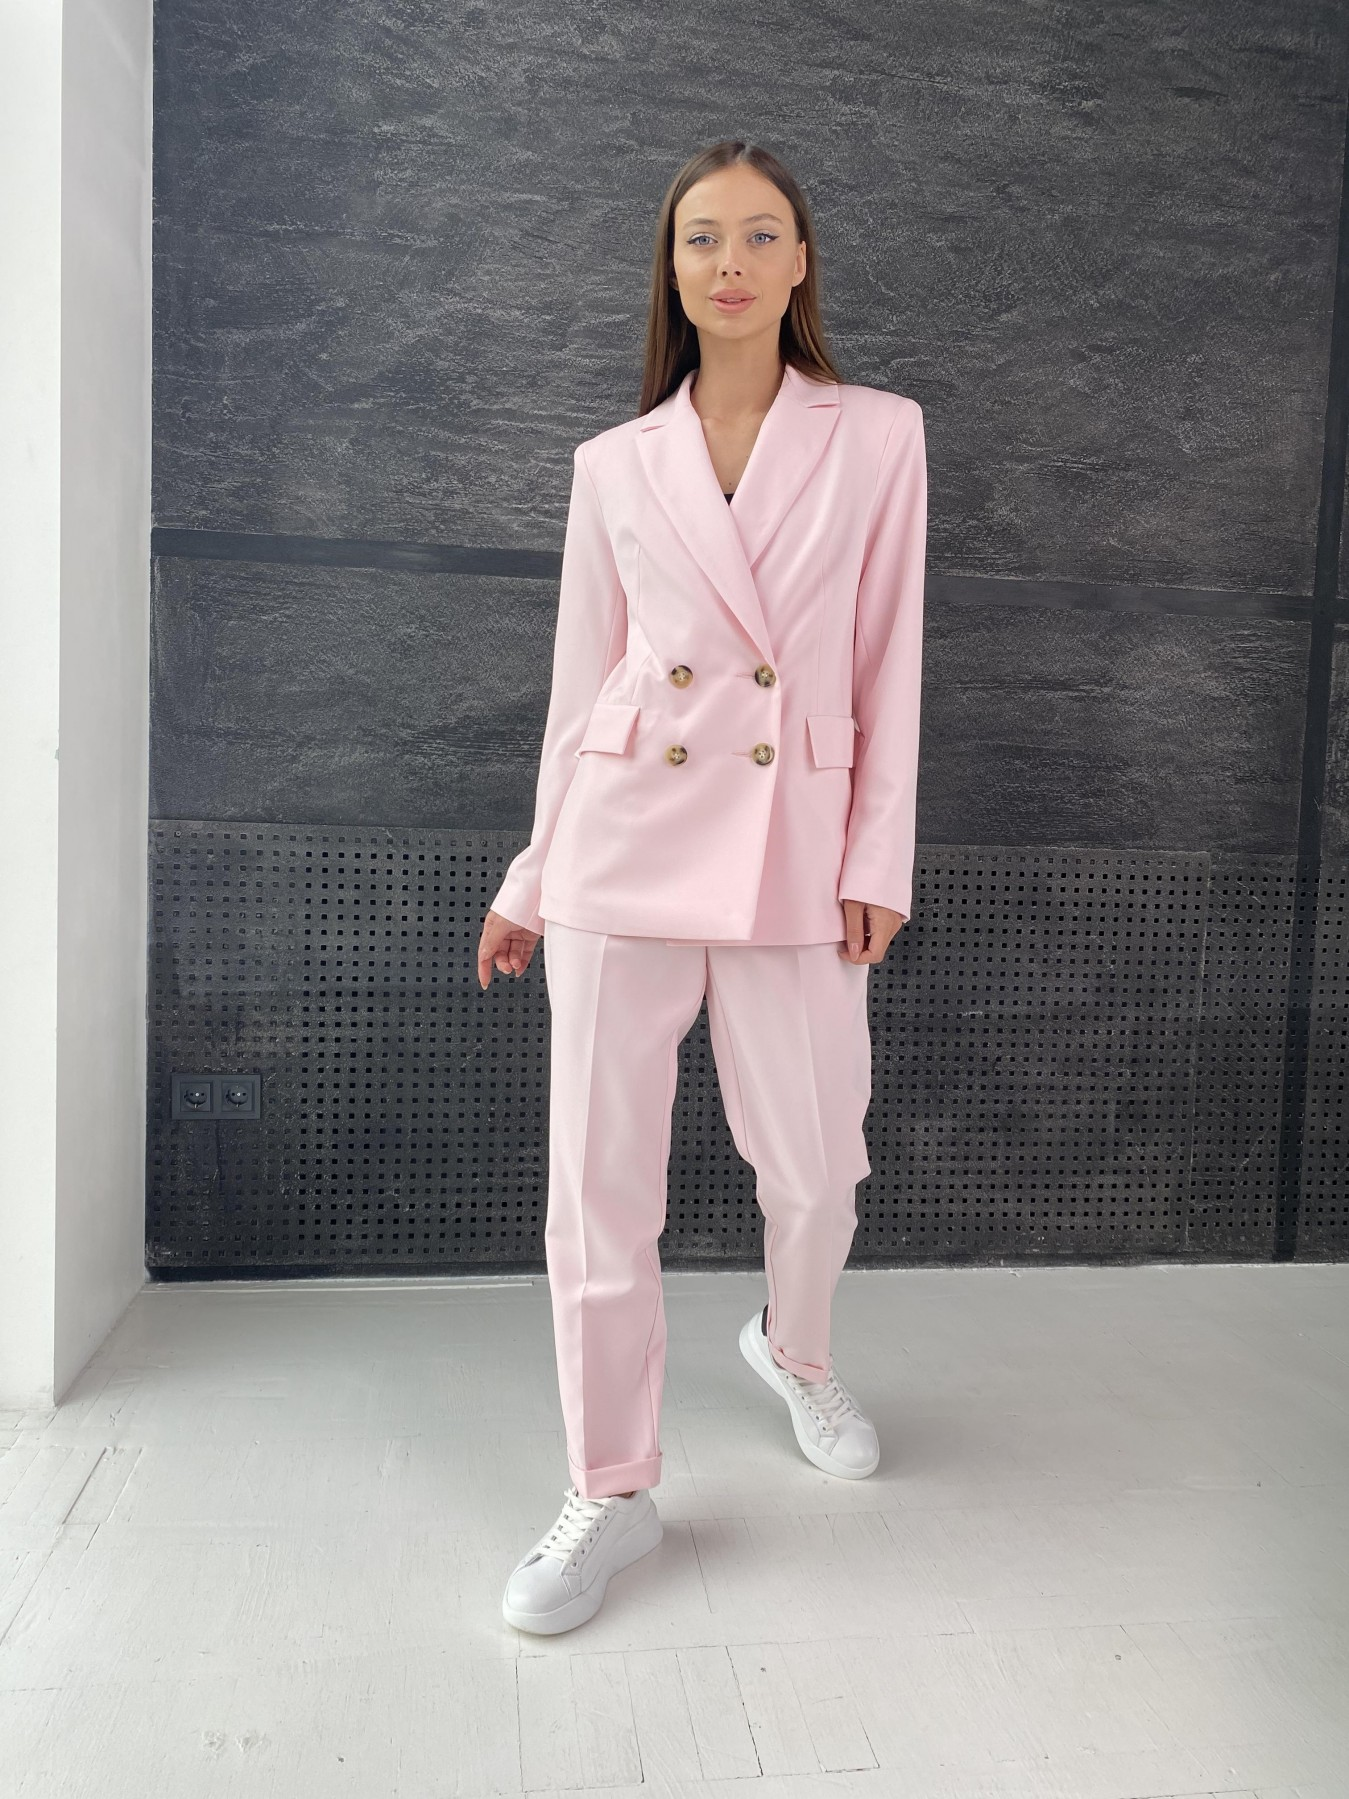 Франко костюм стрейчевый из костюмной ткани 11090 АРТ. 47977 Цвет: Розовый - фото 1, интернет магазин tm-modus.ru